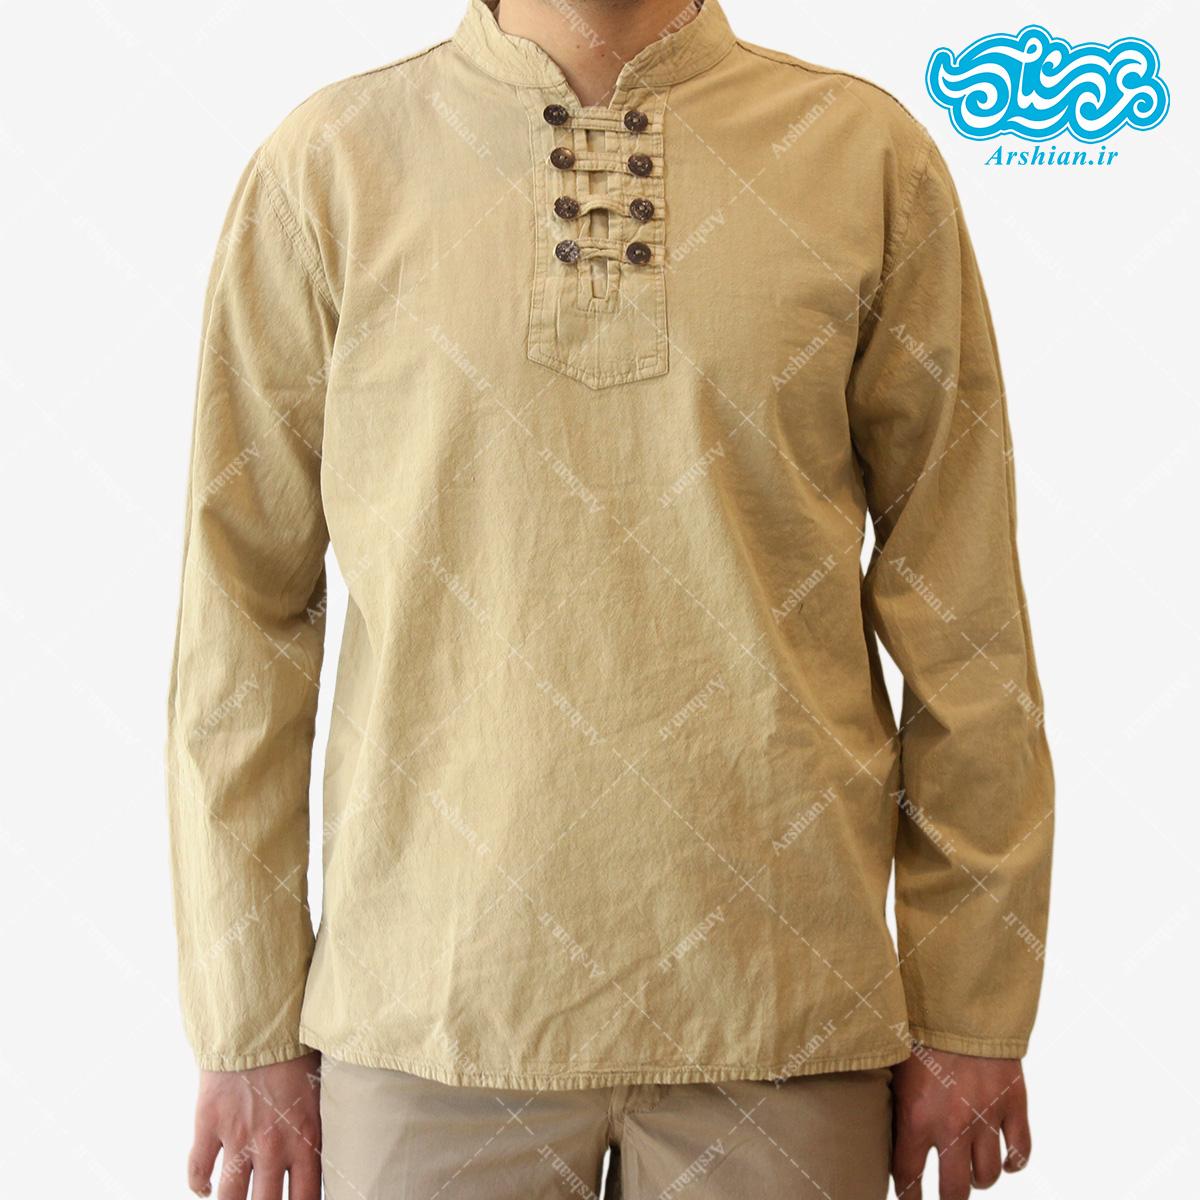 پیراهن الیاف طبیعی طرح هشت دکمه مدل k001